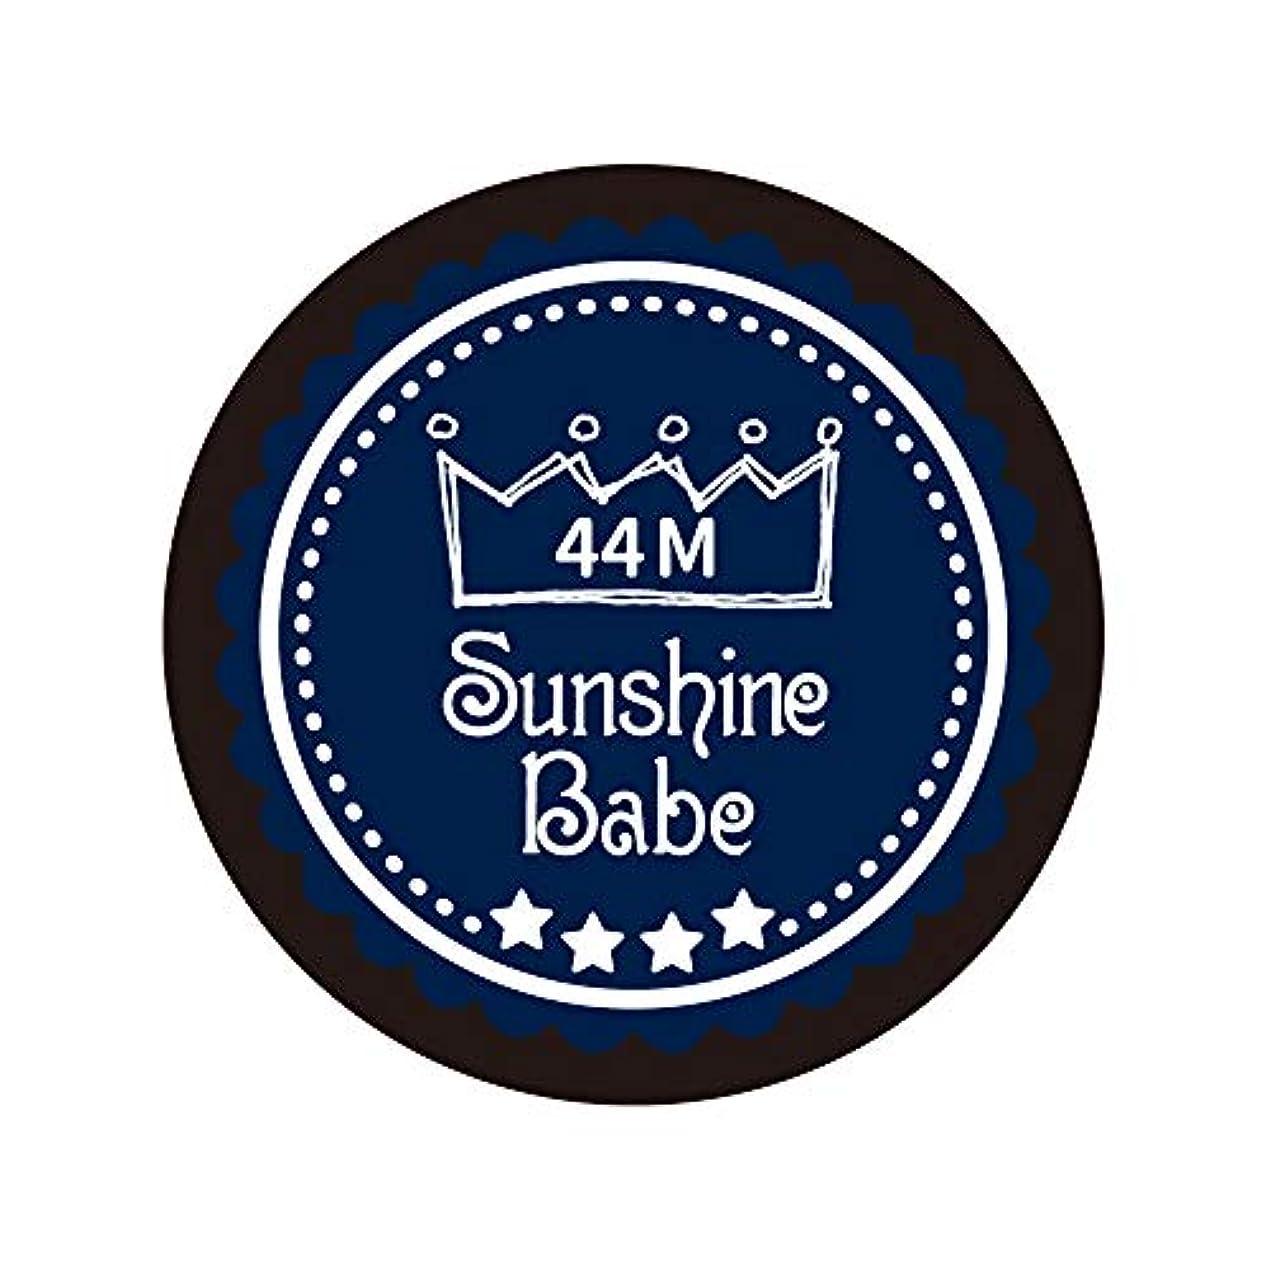 不振いつか首相Sunshine Babe カラージェル 44M クラシックネイビー 2.7g UV/LED対応